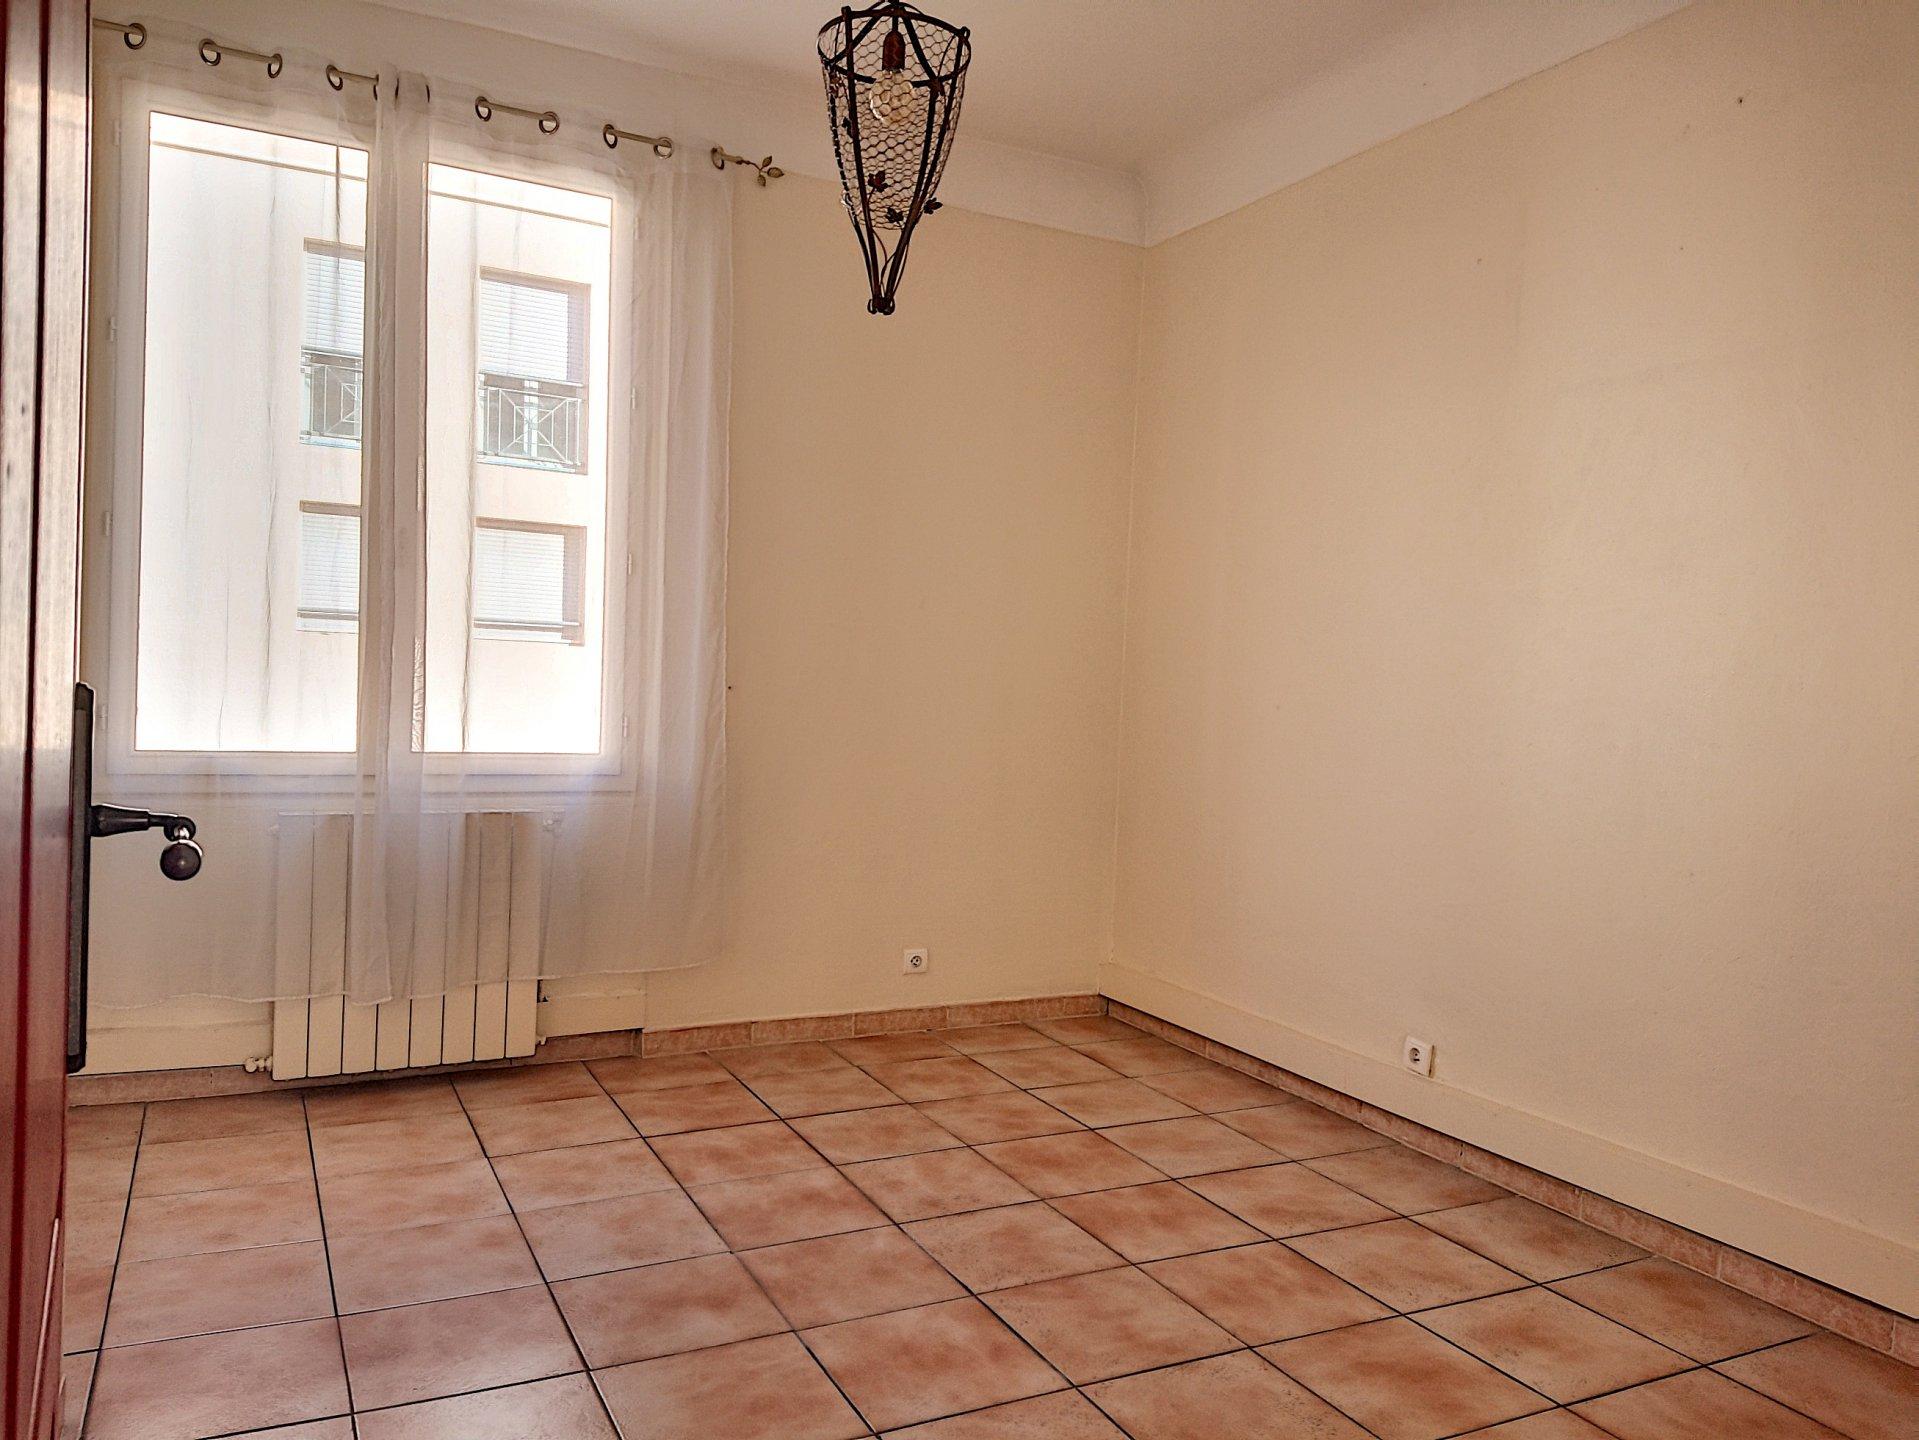 St Laurent du Var  - Appartement - 4 Pièces